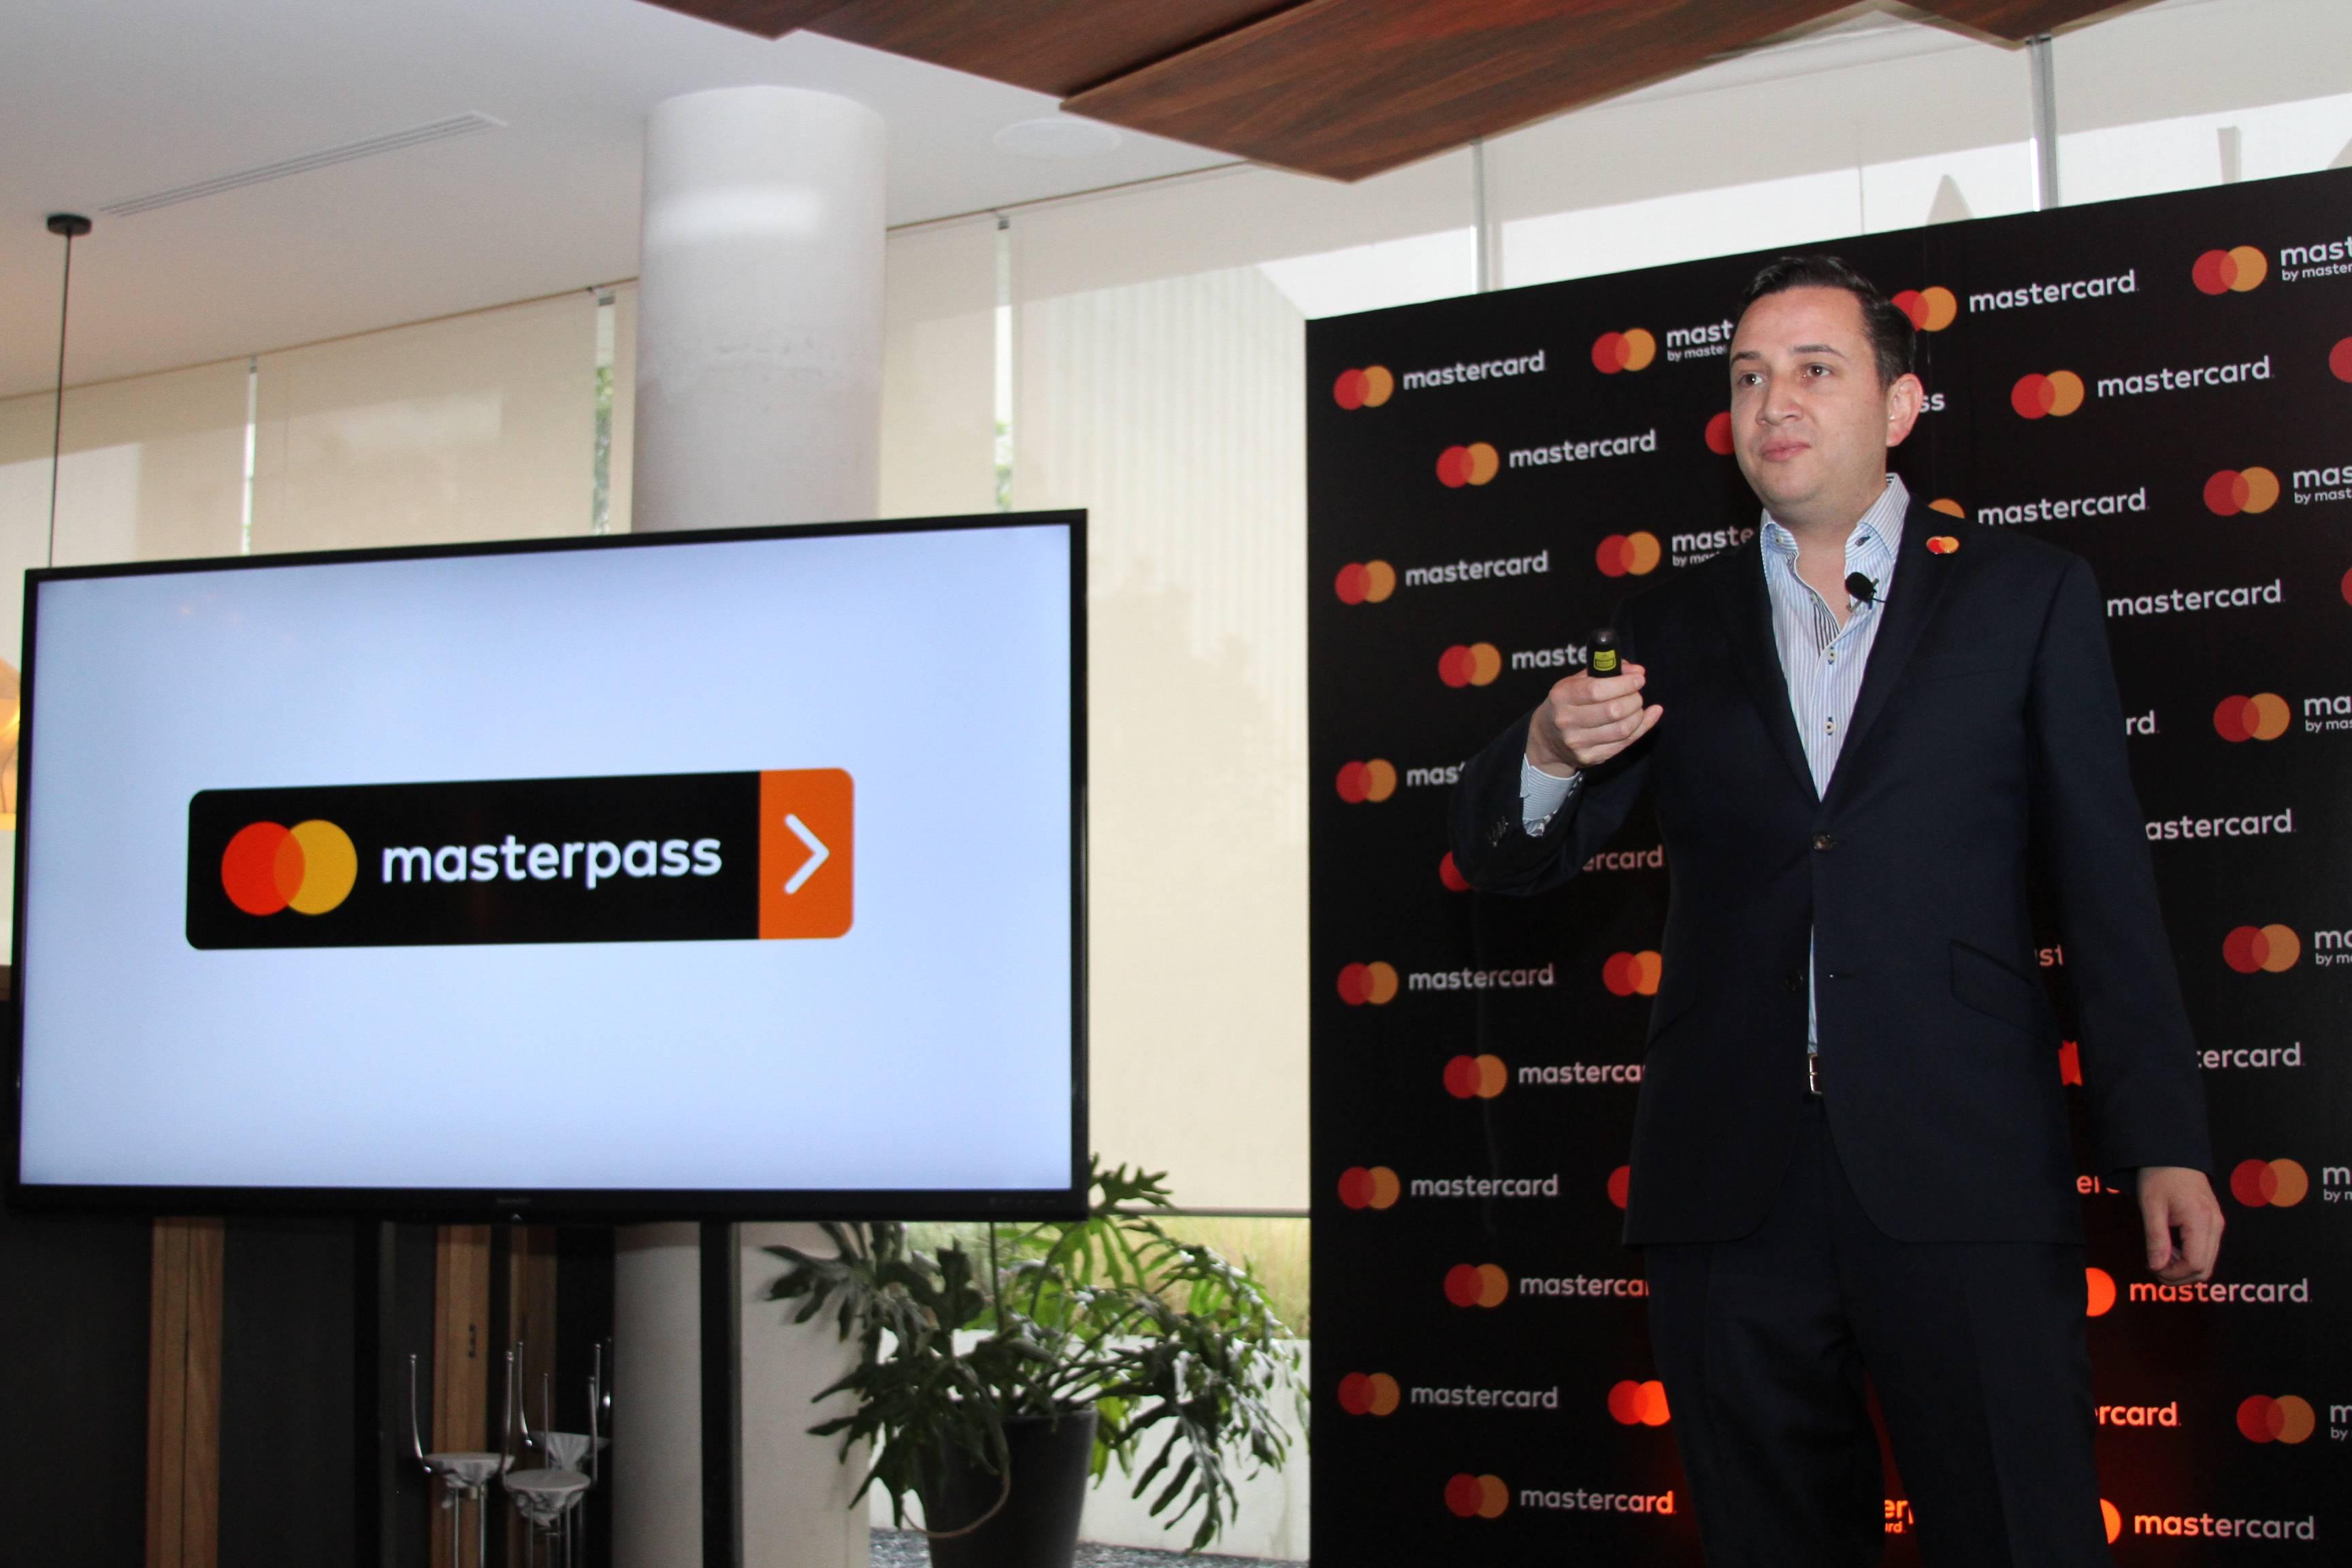 Presenta Mastercard su servicio para compras en línea